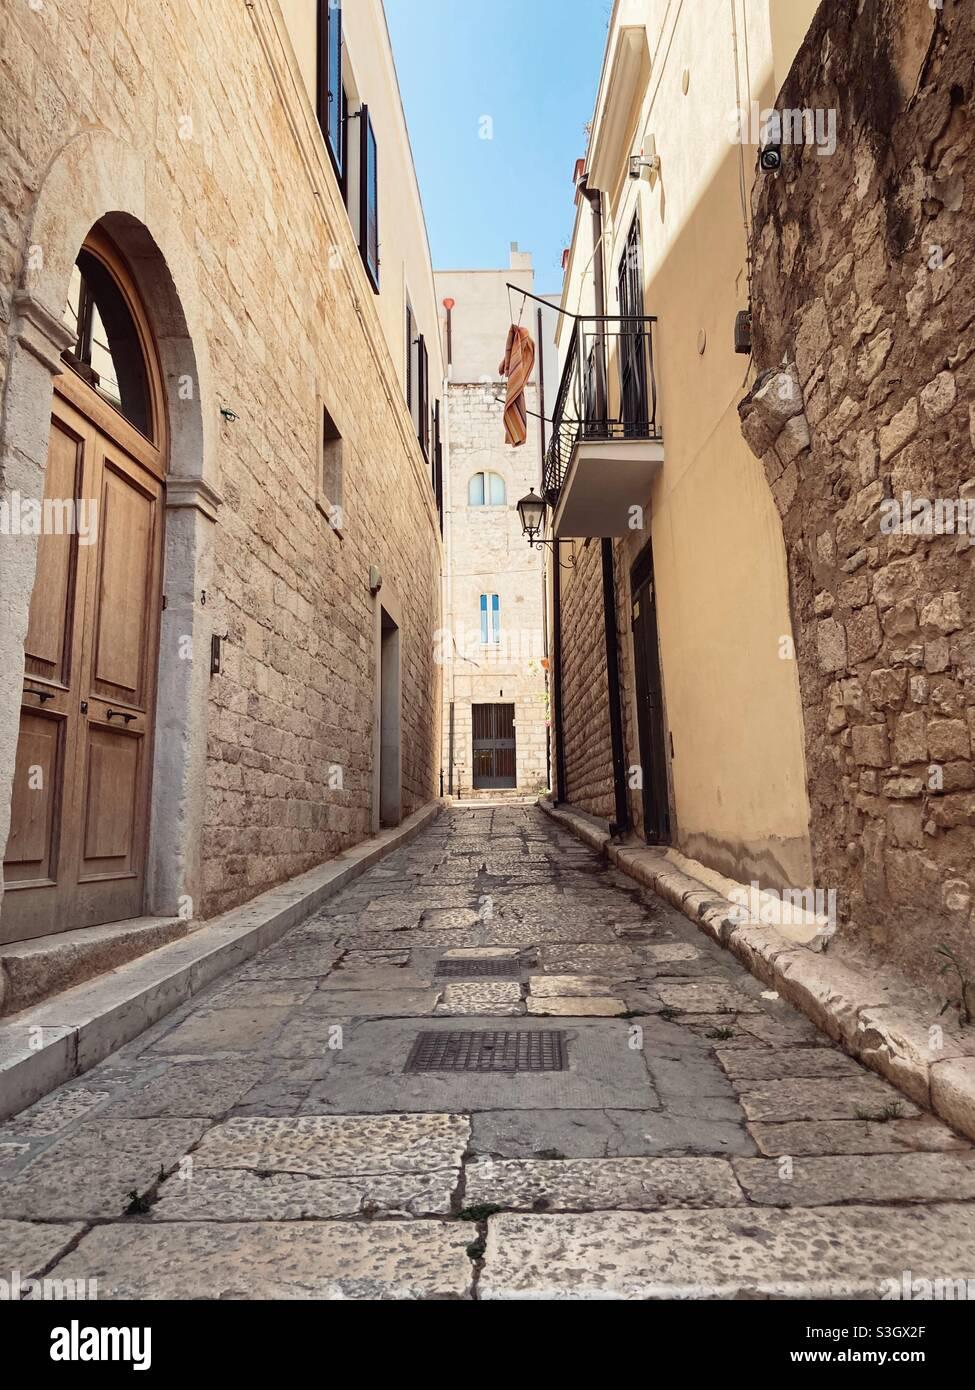 Un vicolo a Trani, Puglia, Italia Foto Stock